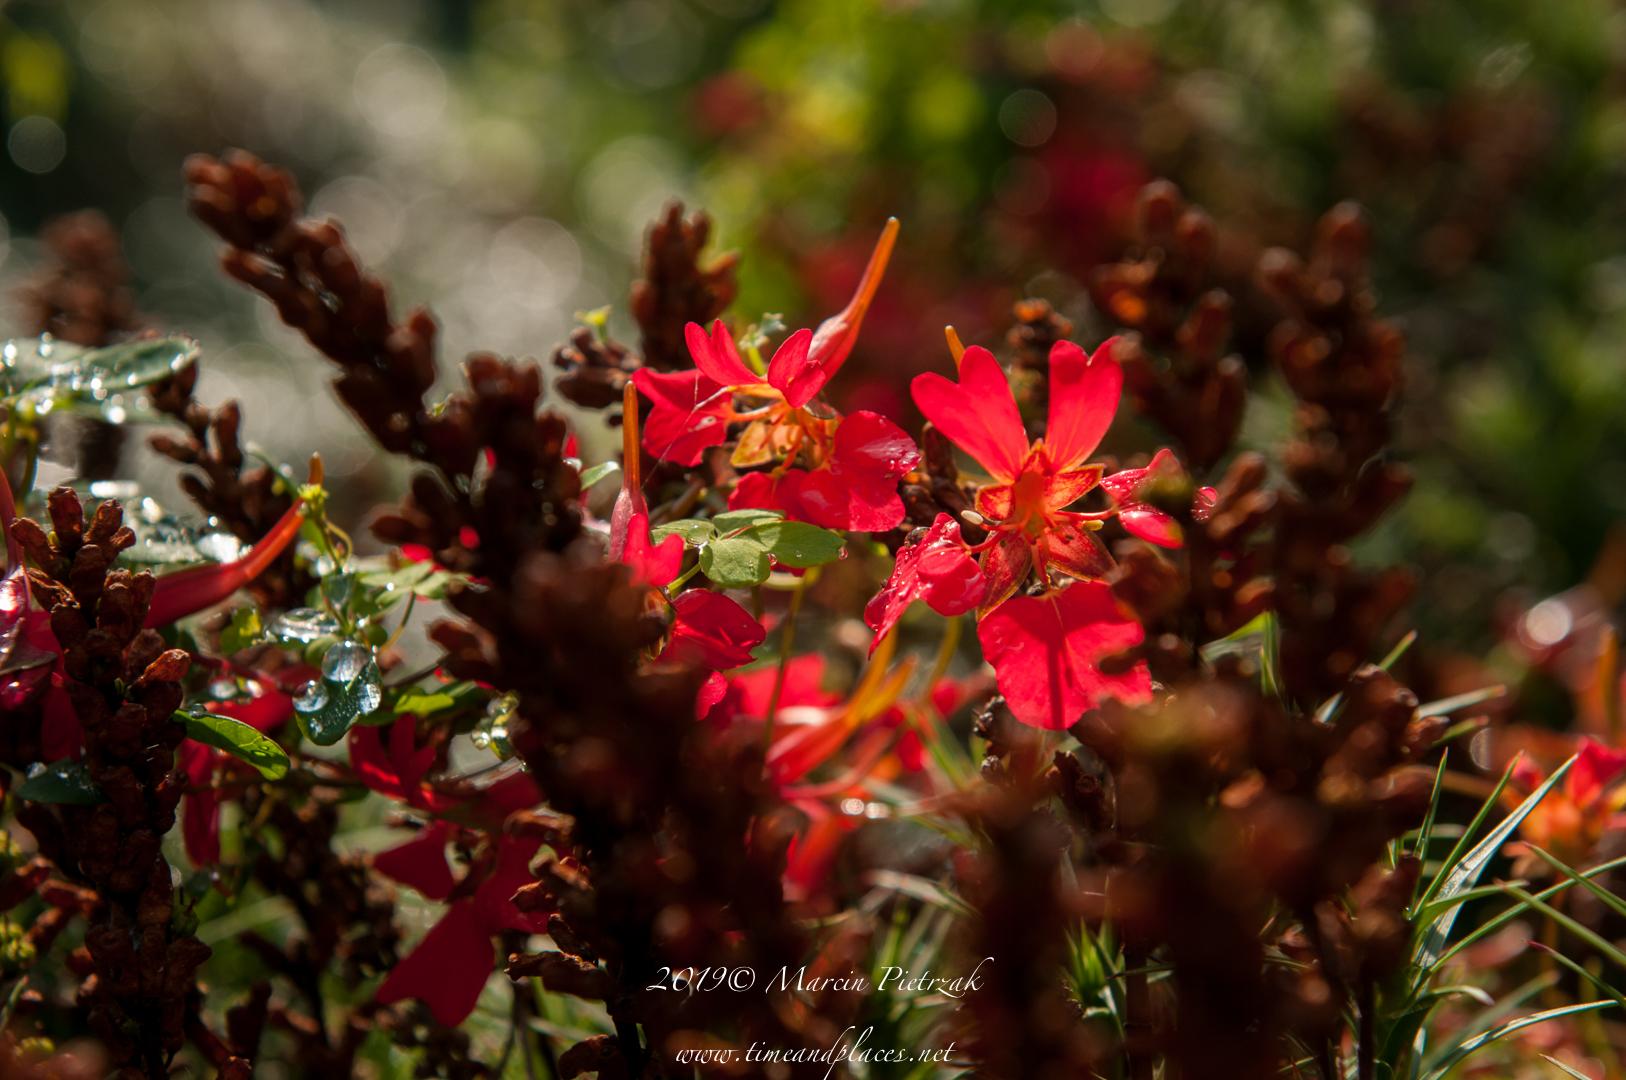 netBotanic Garden flowers - 2019 - MAR_1541.jpg